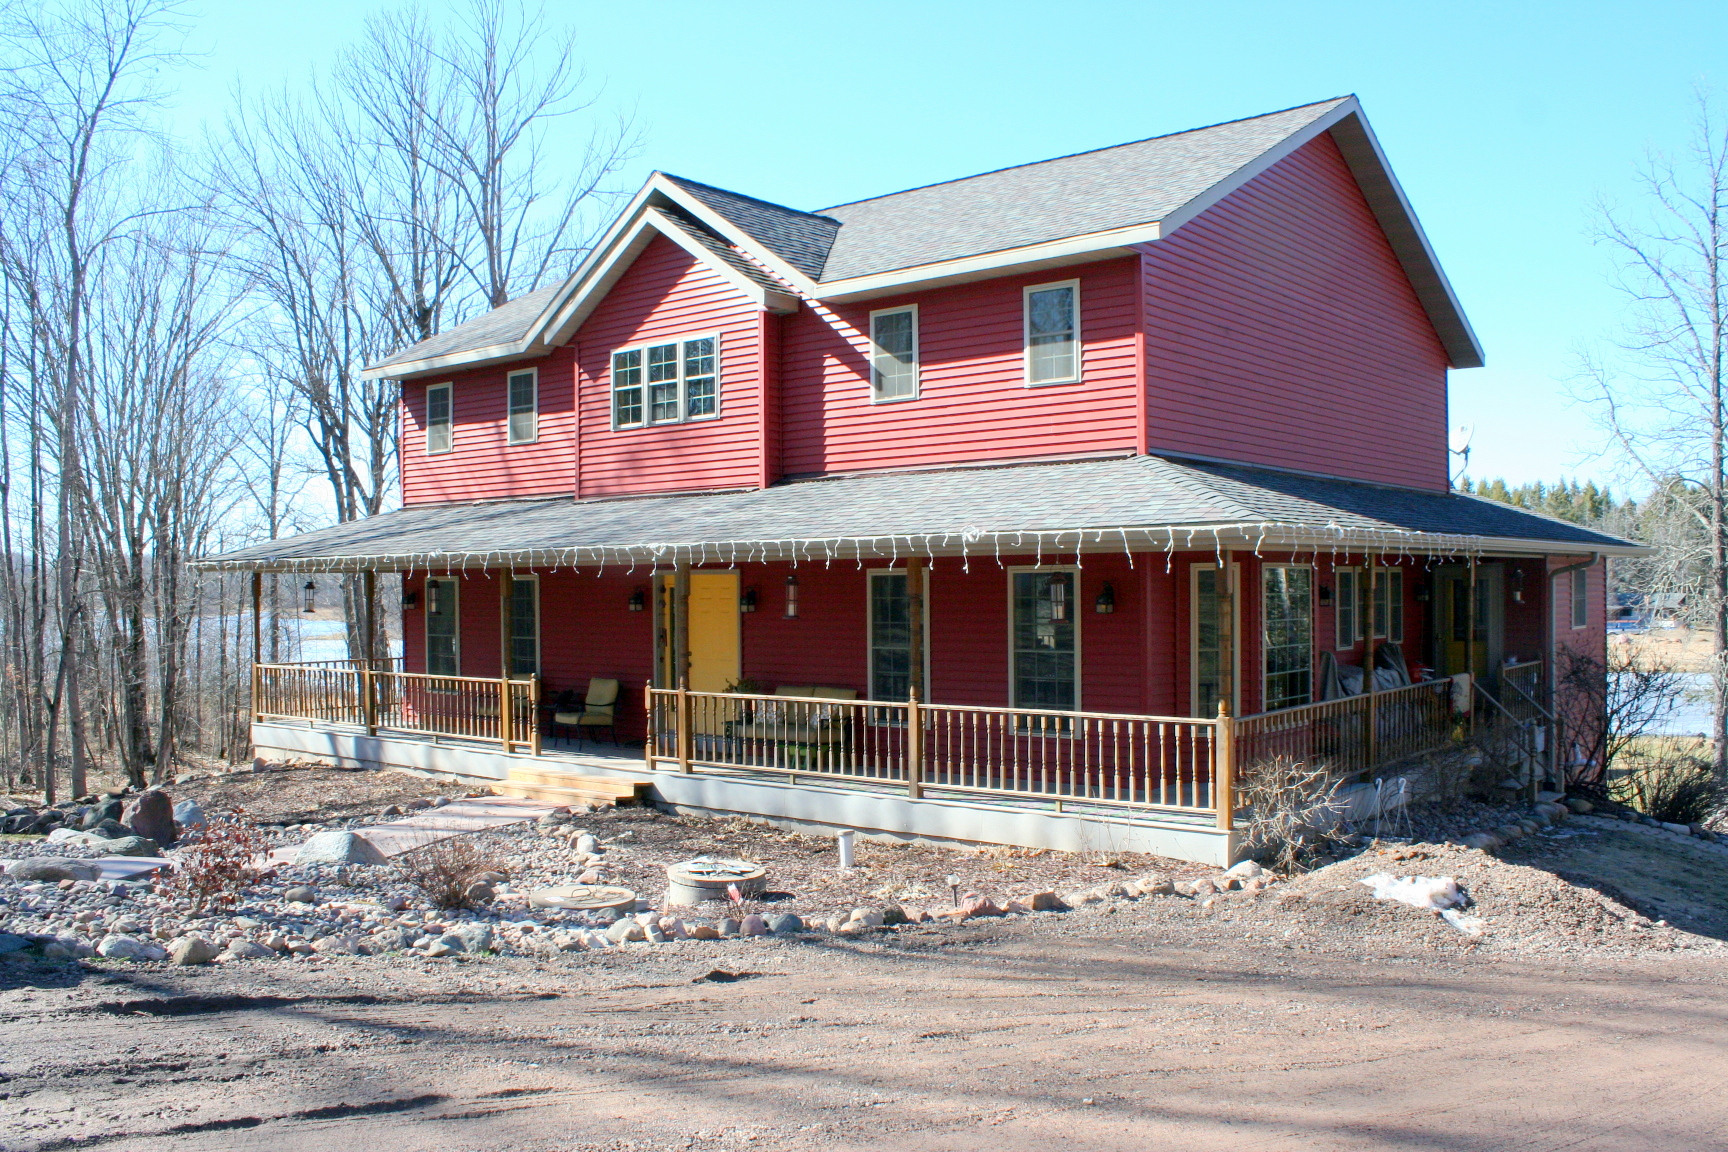 N6555 Kaiser Road, Hawkins, Wisconsin 54530